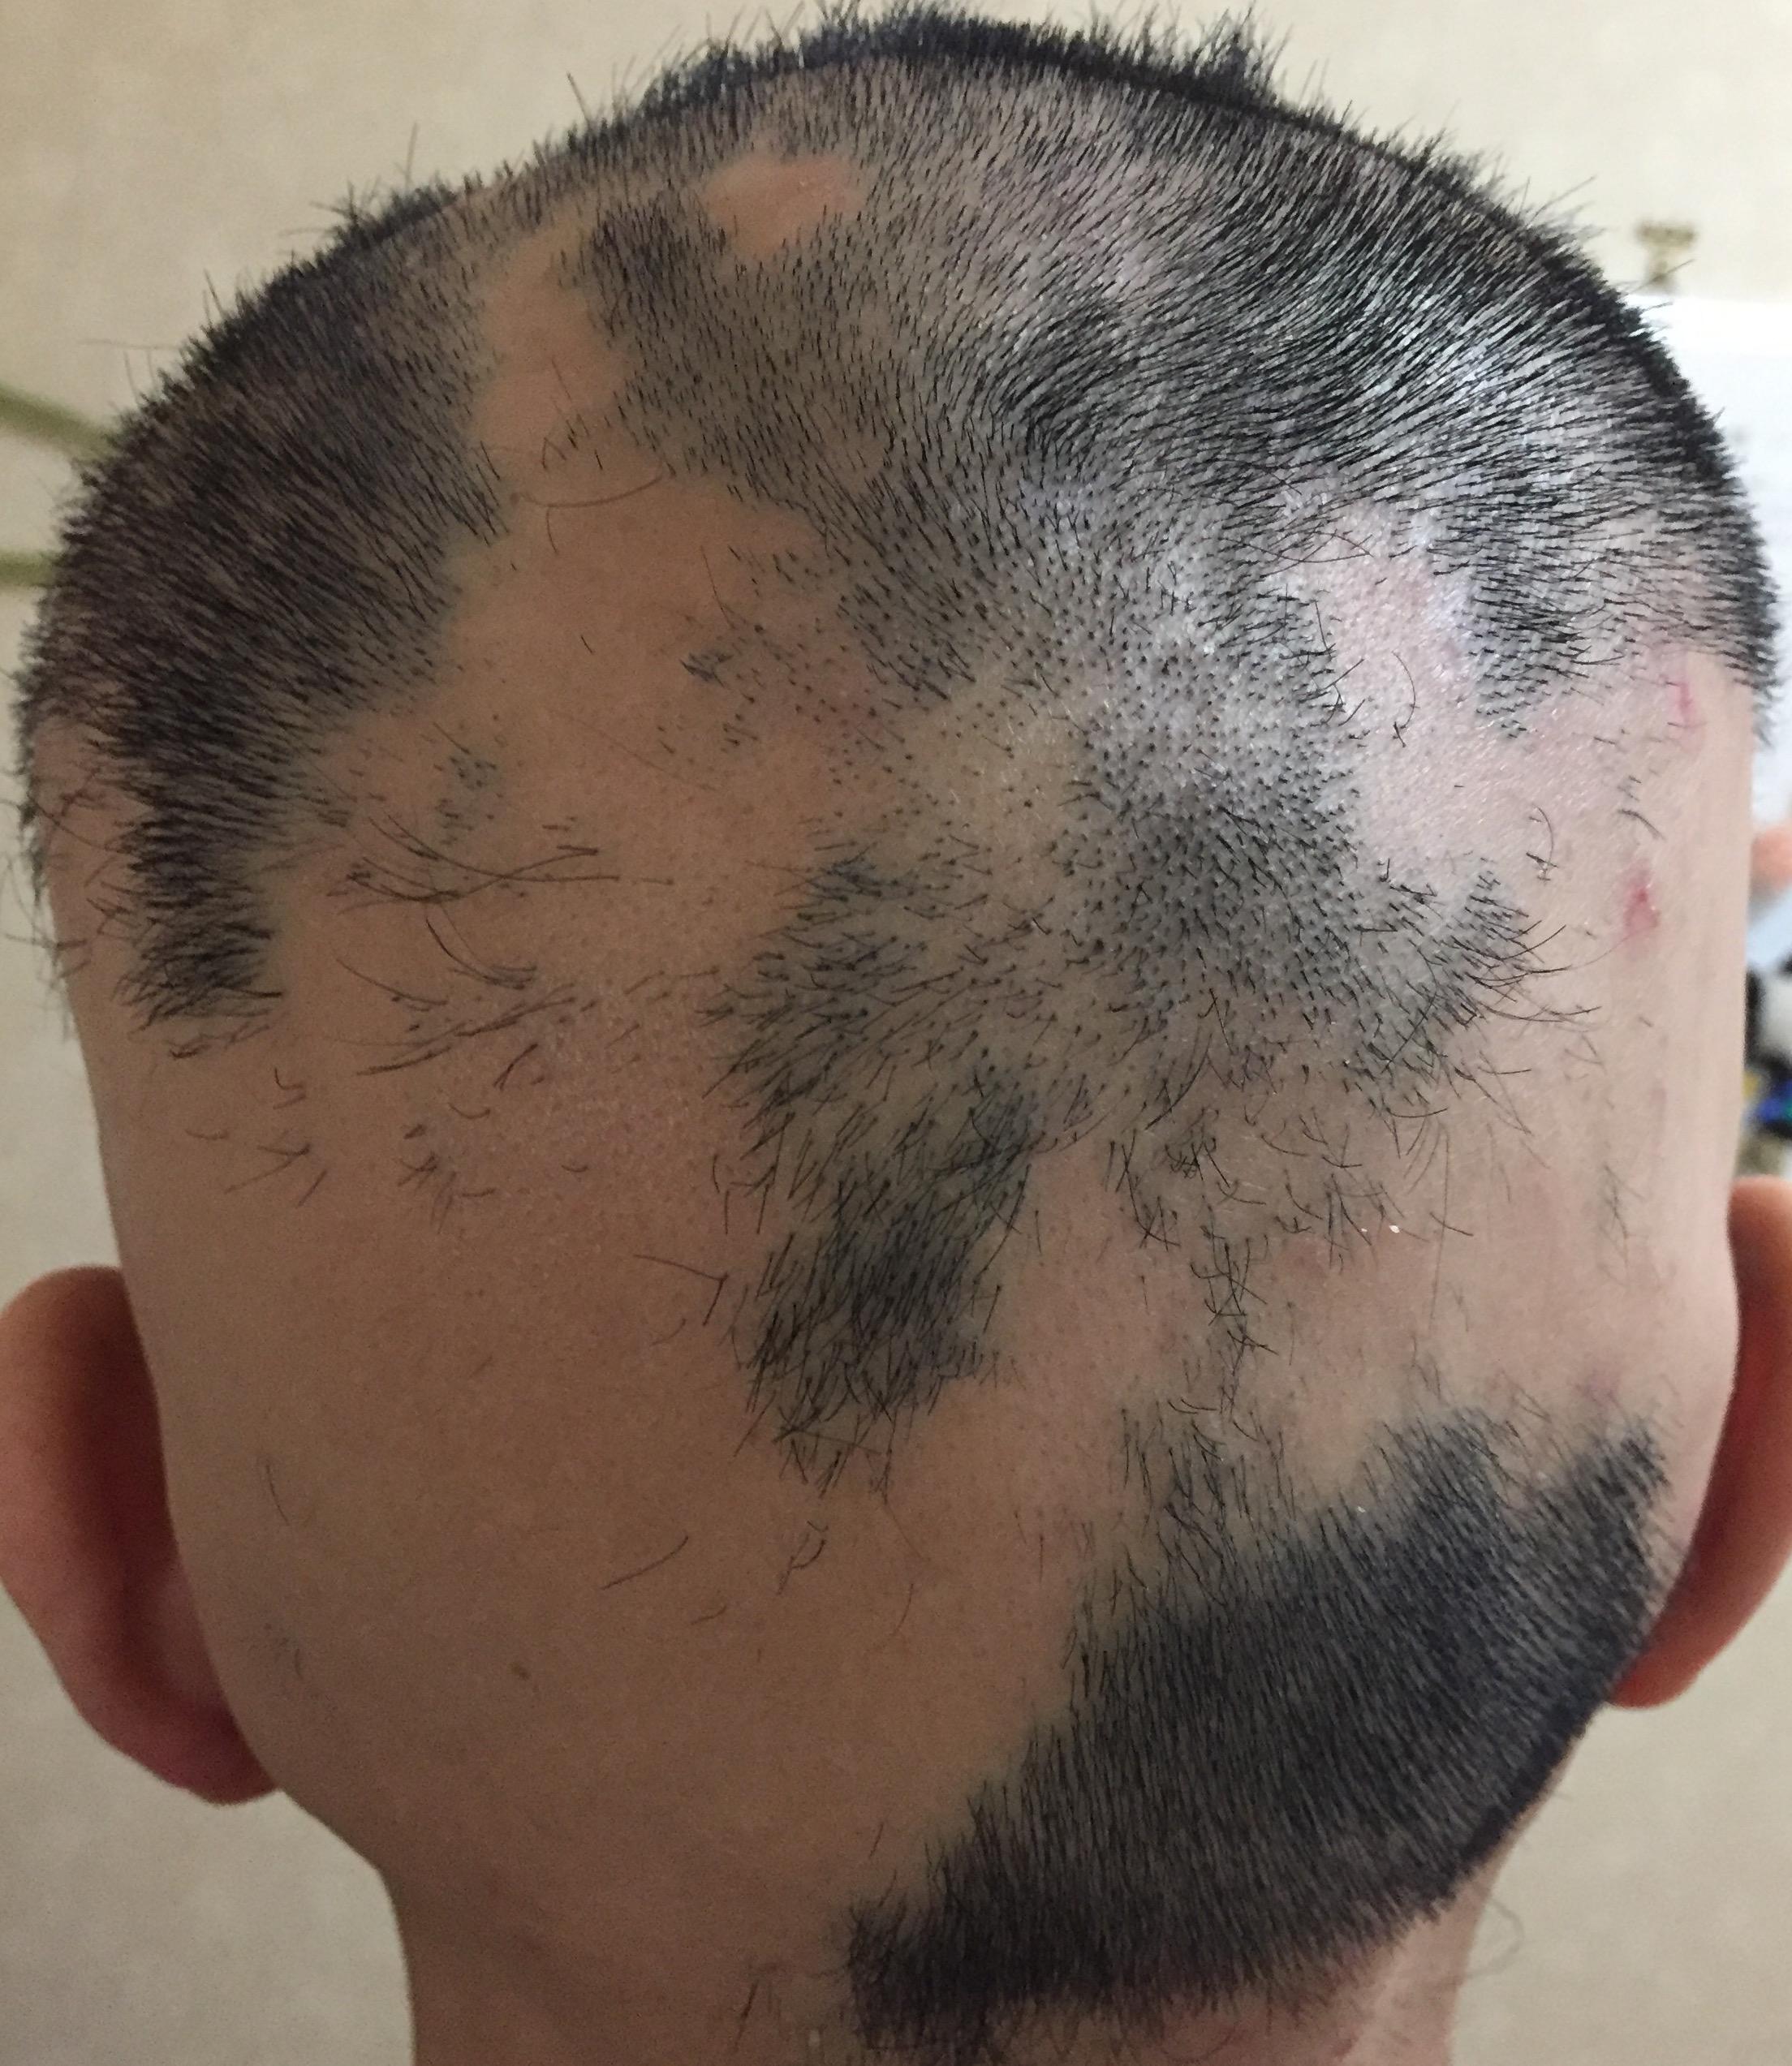 summary_alopecia-09-2